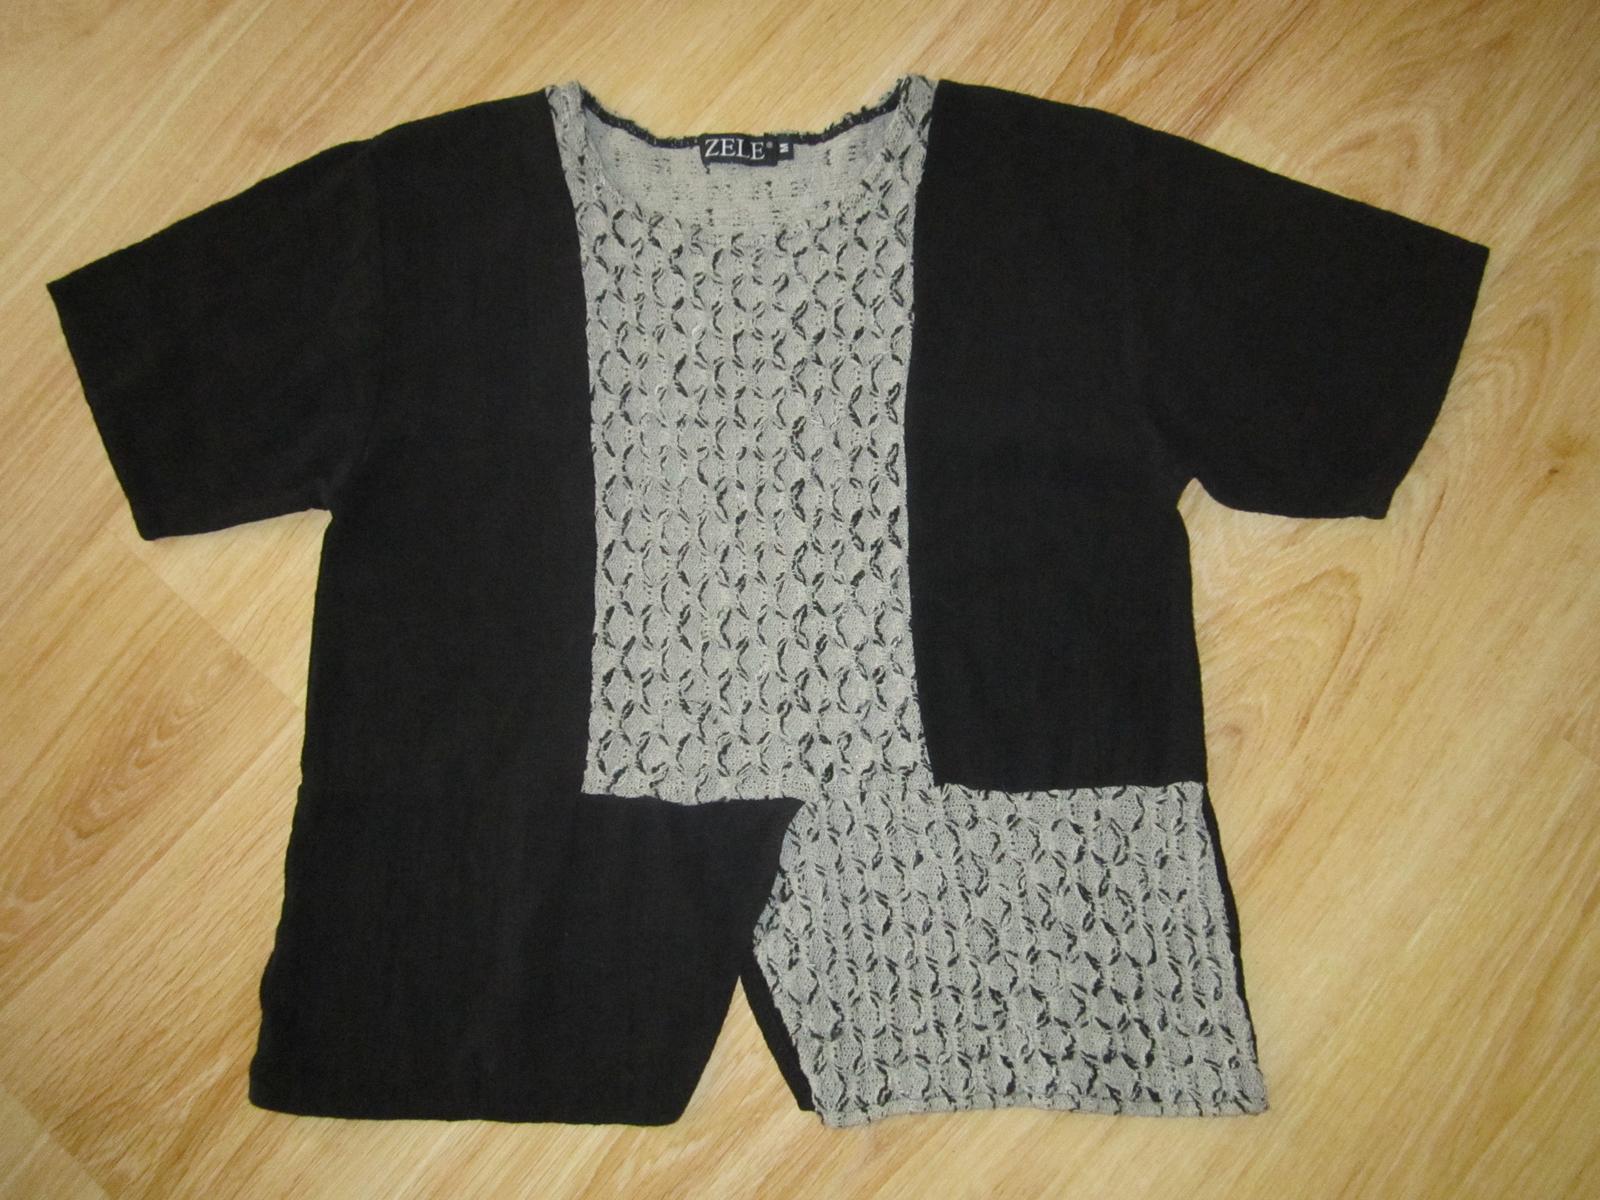 pulóver - Obrázok č. 1